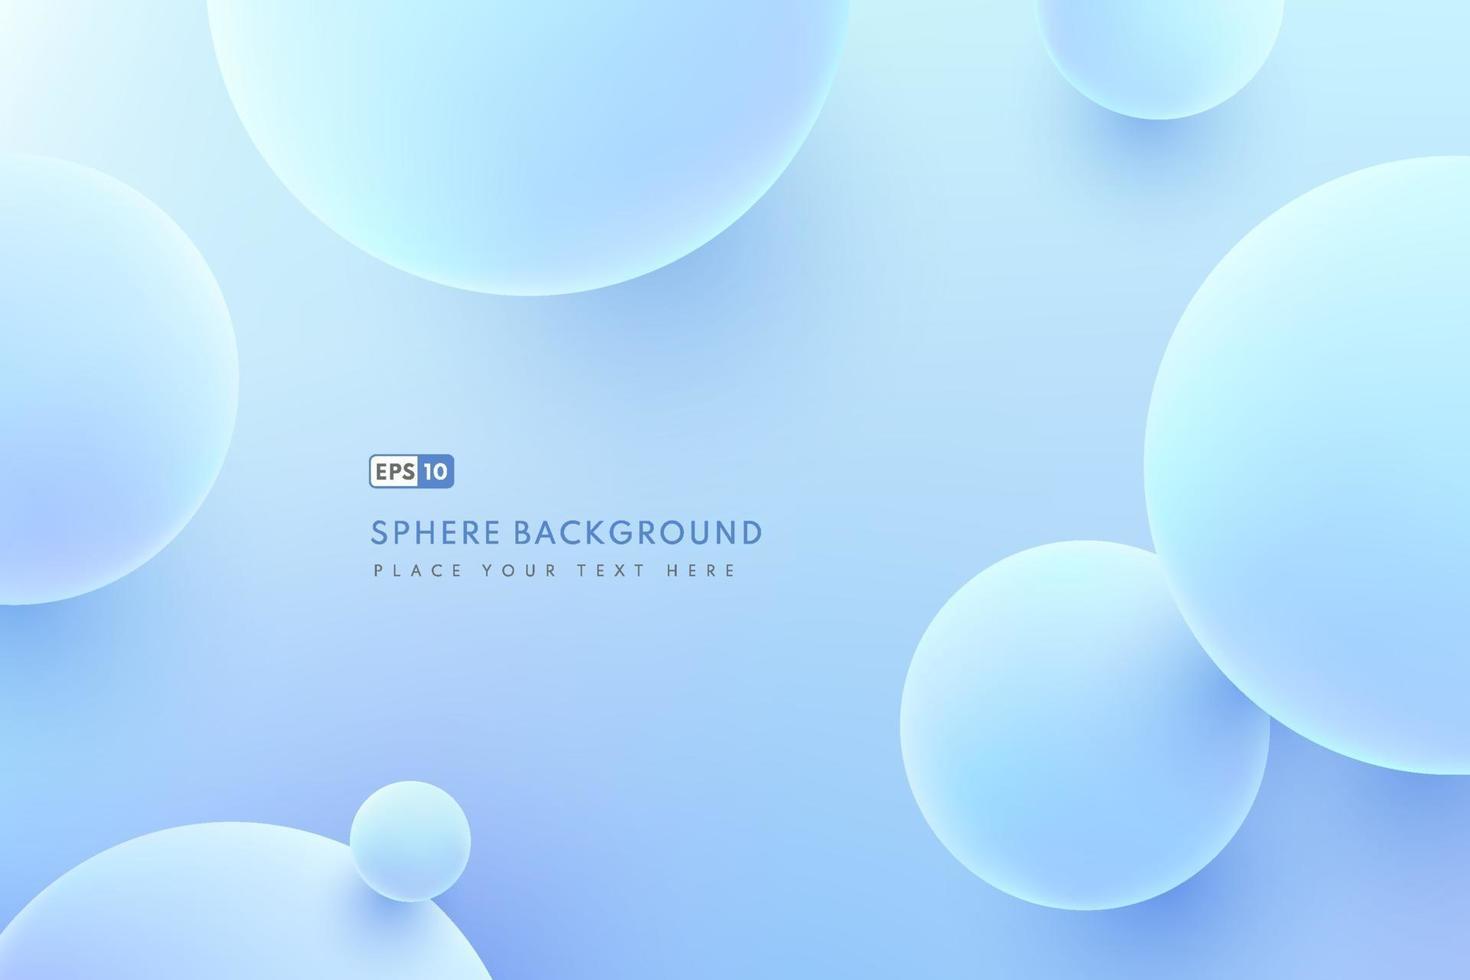 abstrakt flytande vätske cirklar hologram färg bakgrund. Sfär 3d ljusblå. kreativa minimala bubbla trendiga gradientmall för omslagsbroschyr, flygblad, affisch, bannerweb. vektor illustration